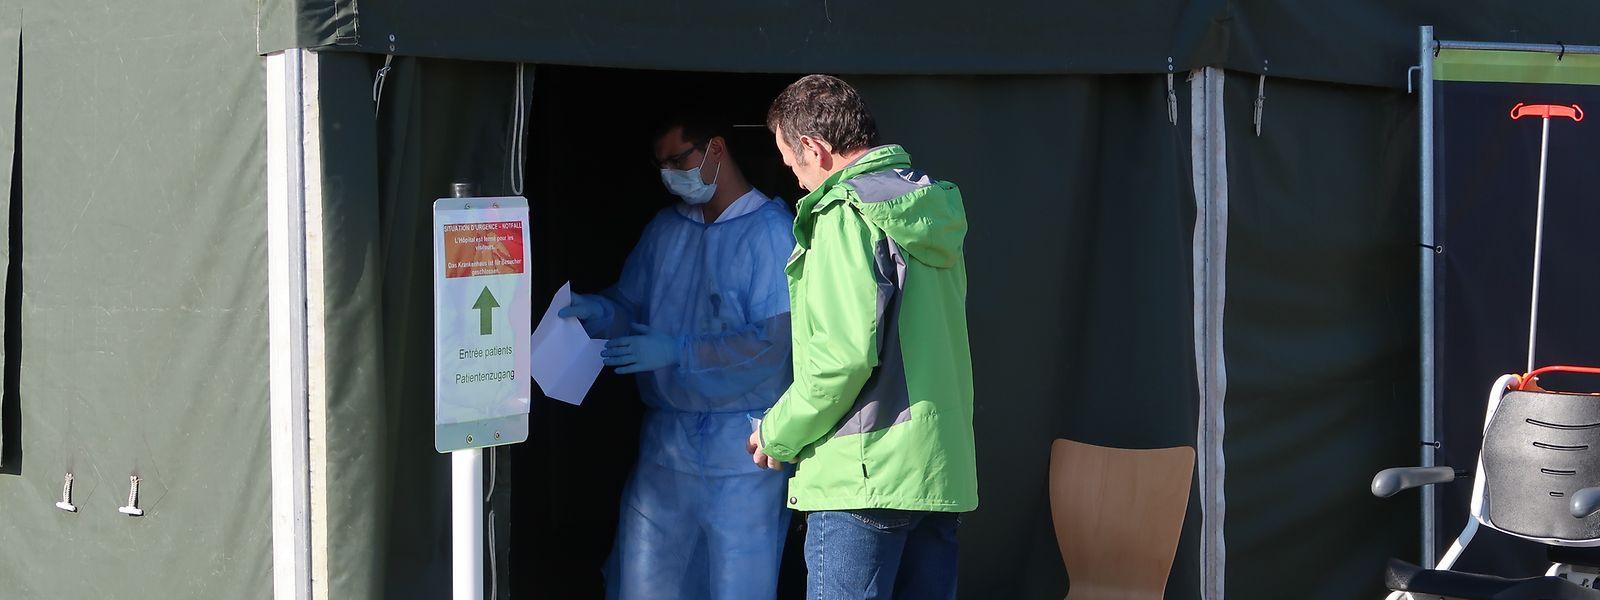 Le Luxembourg va poursuivre sa campagne de test à travers la population